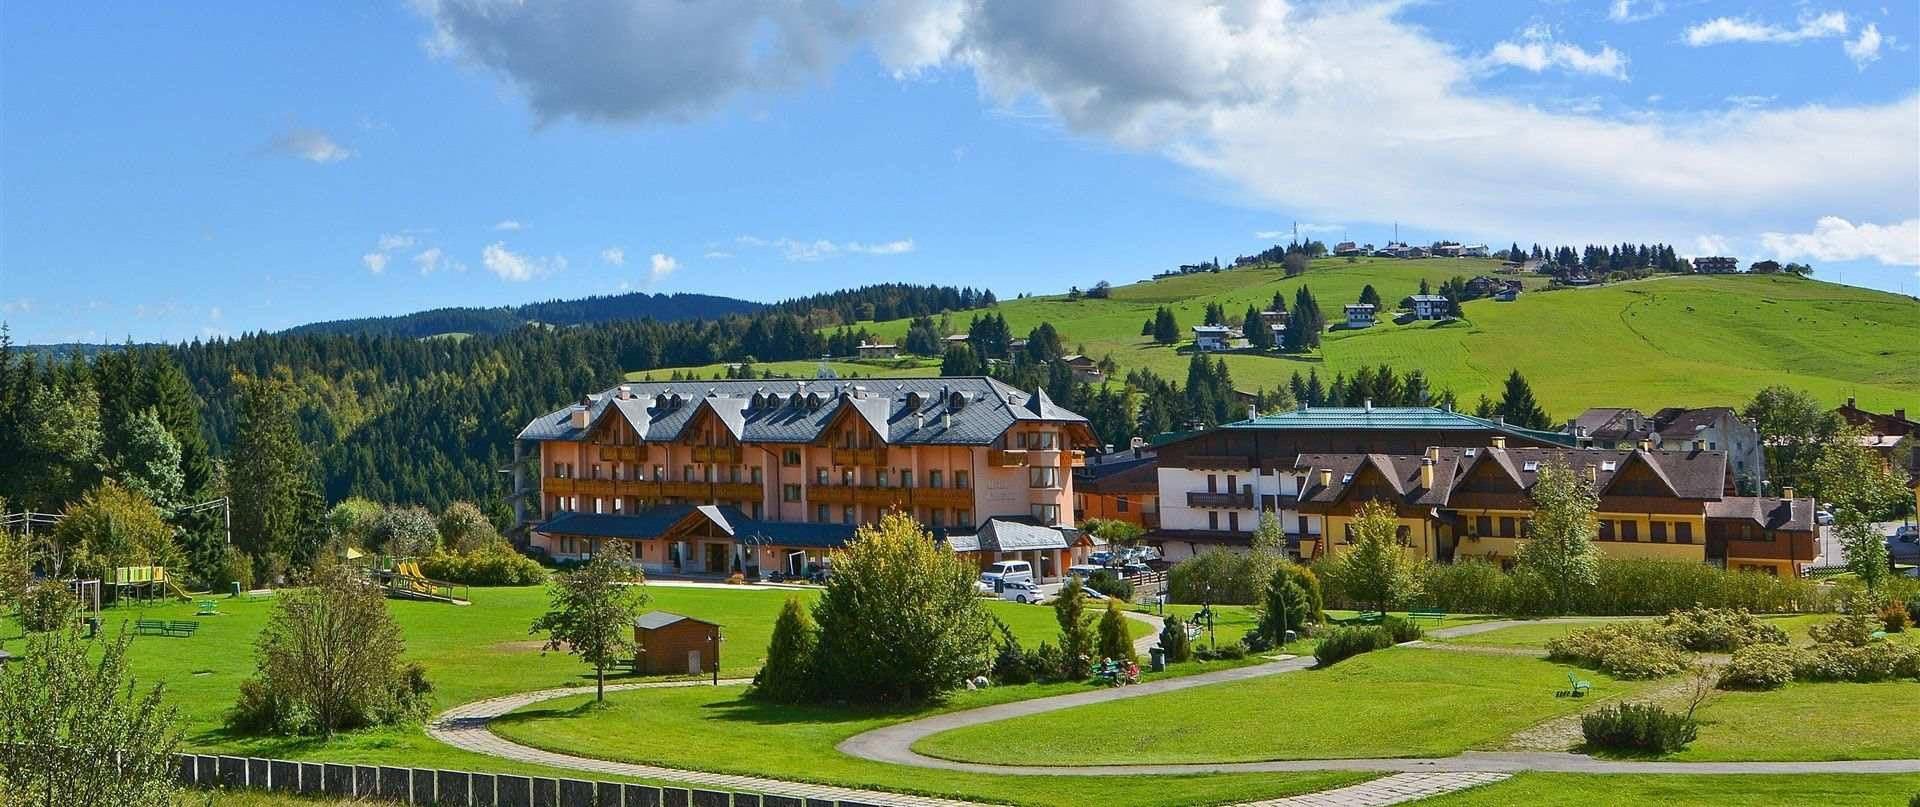 Sede di gallio nell 39 altopiano di asiago milan junior camp for Altopiano asiago hotel